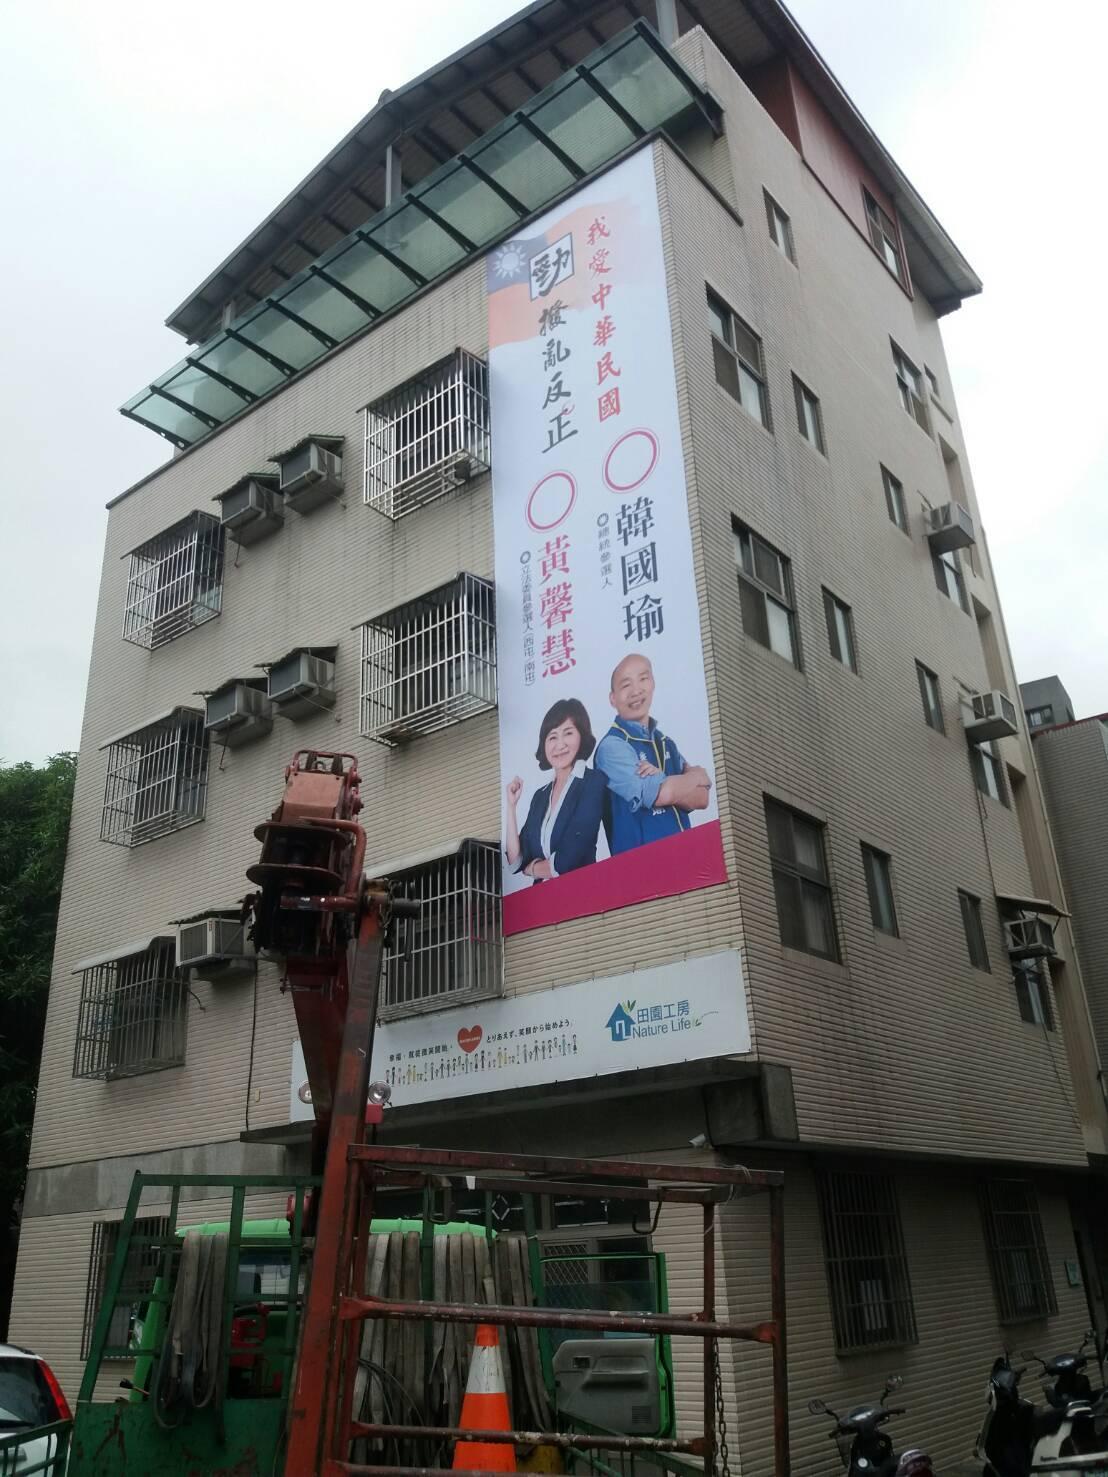 黃馨慧與韓國瑜合照,兩周前已上街頭。圖/黃馨慧提供